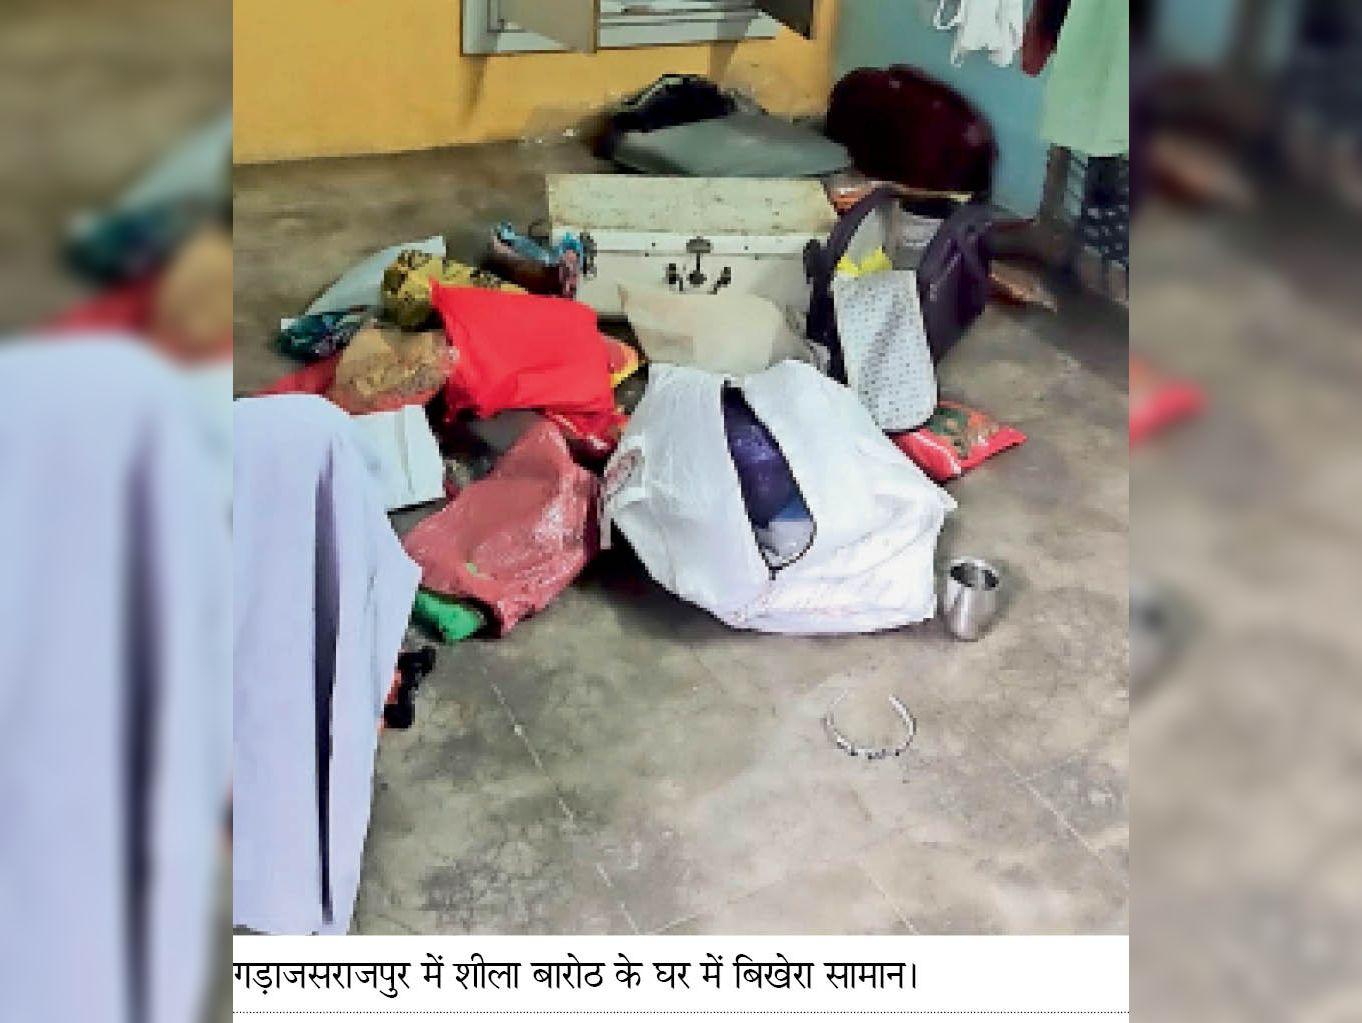 गड़ाजसराजपुर में शीला बाराेठ के घर में बिखेरा सामान। - Dainik Bhaskar